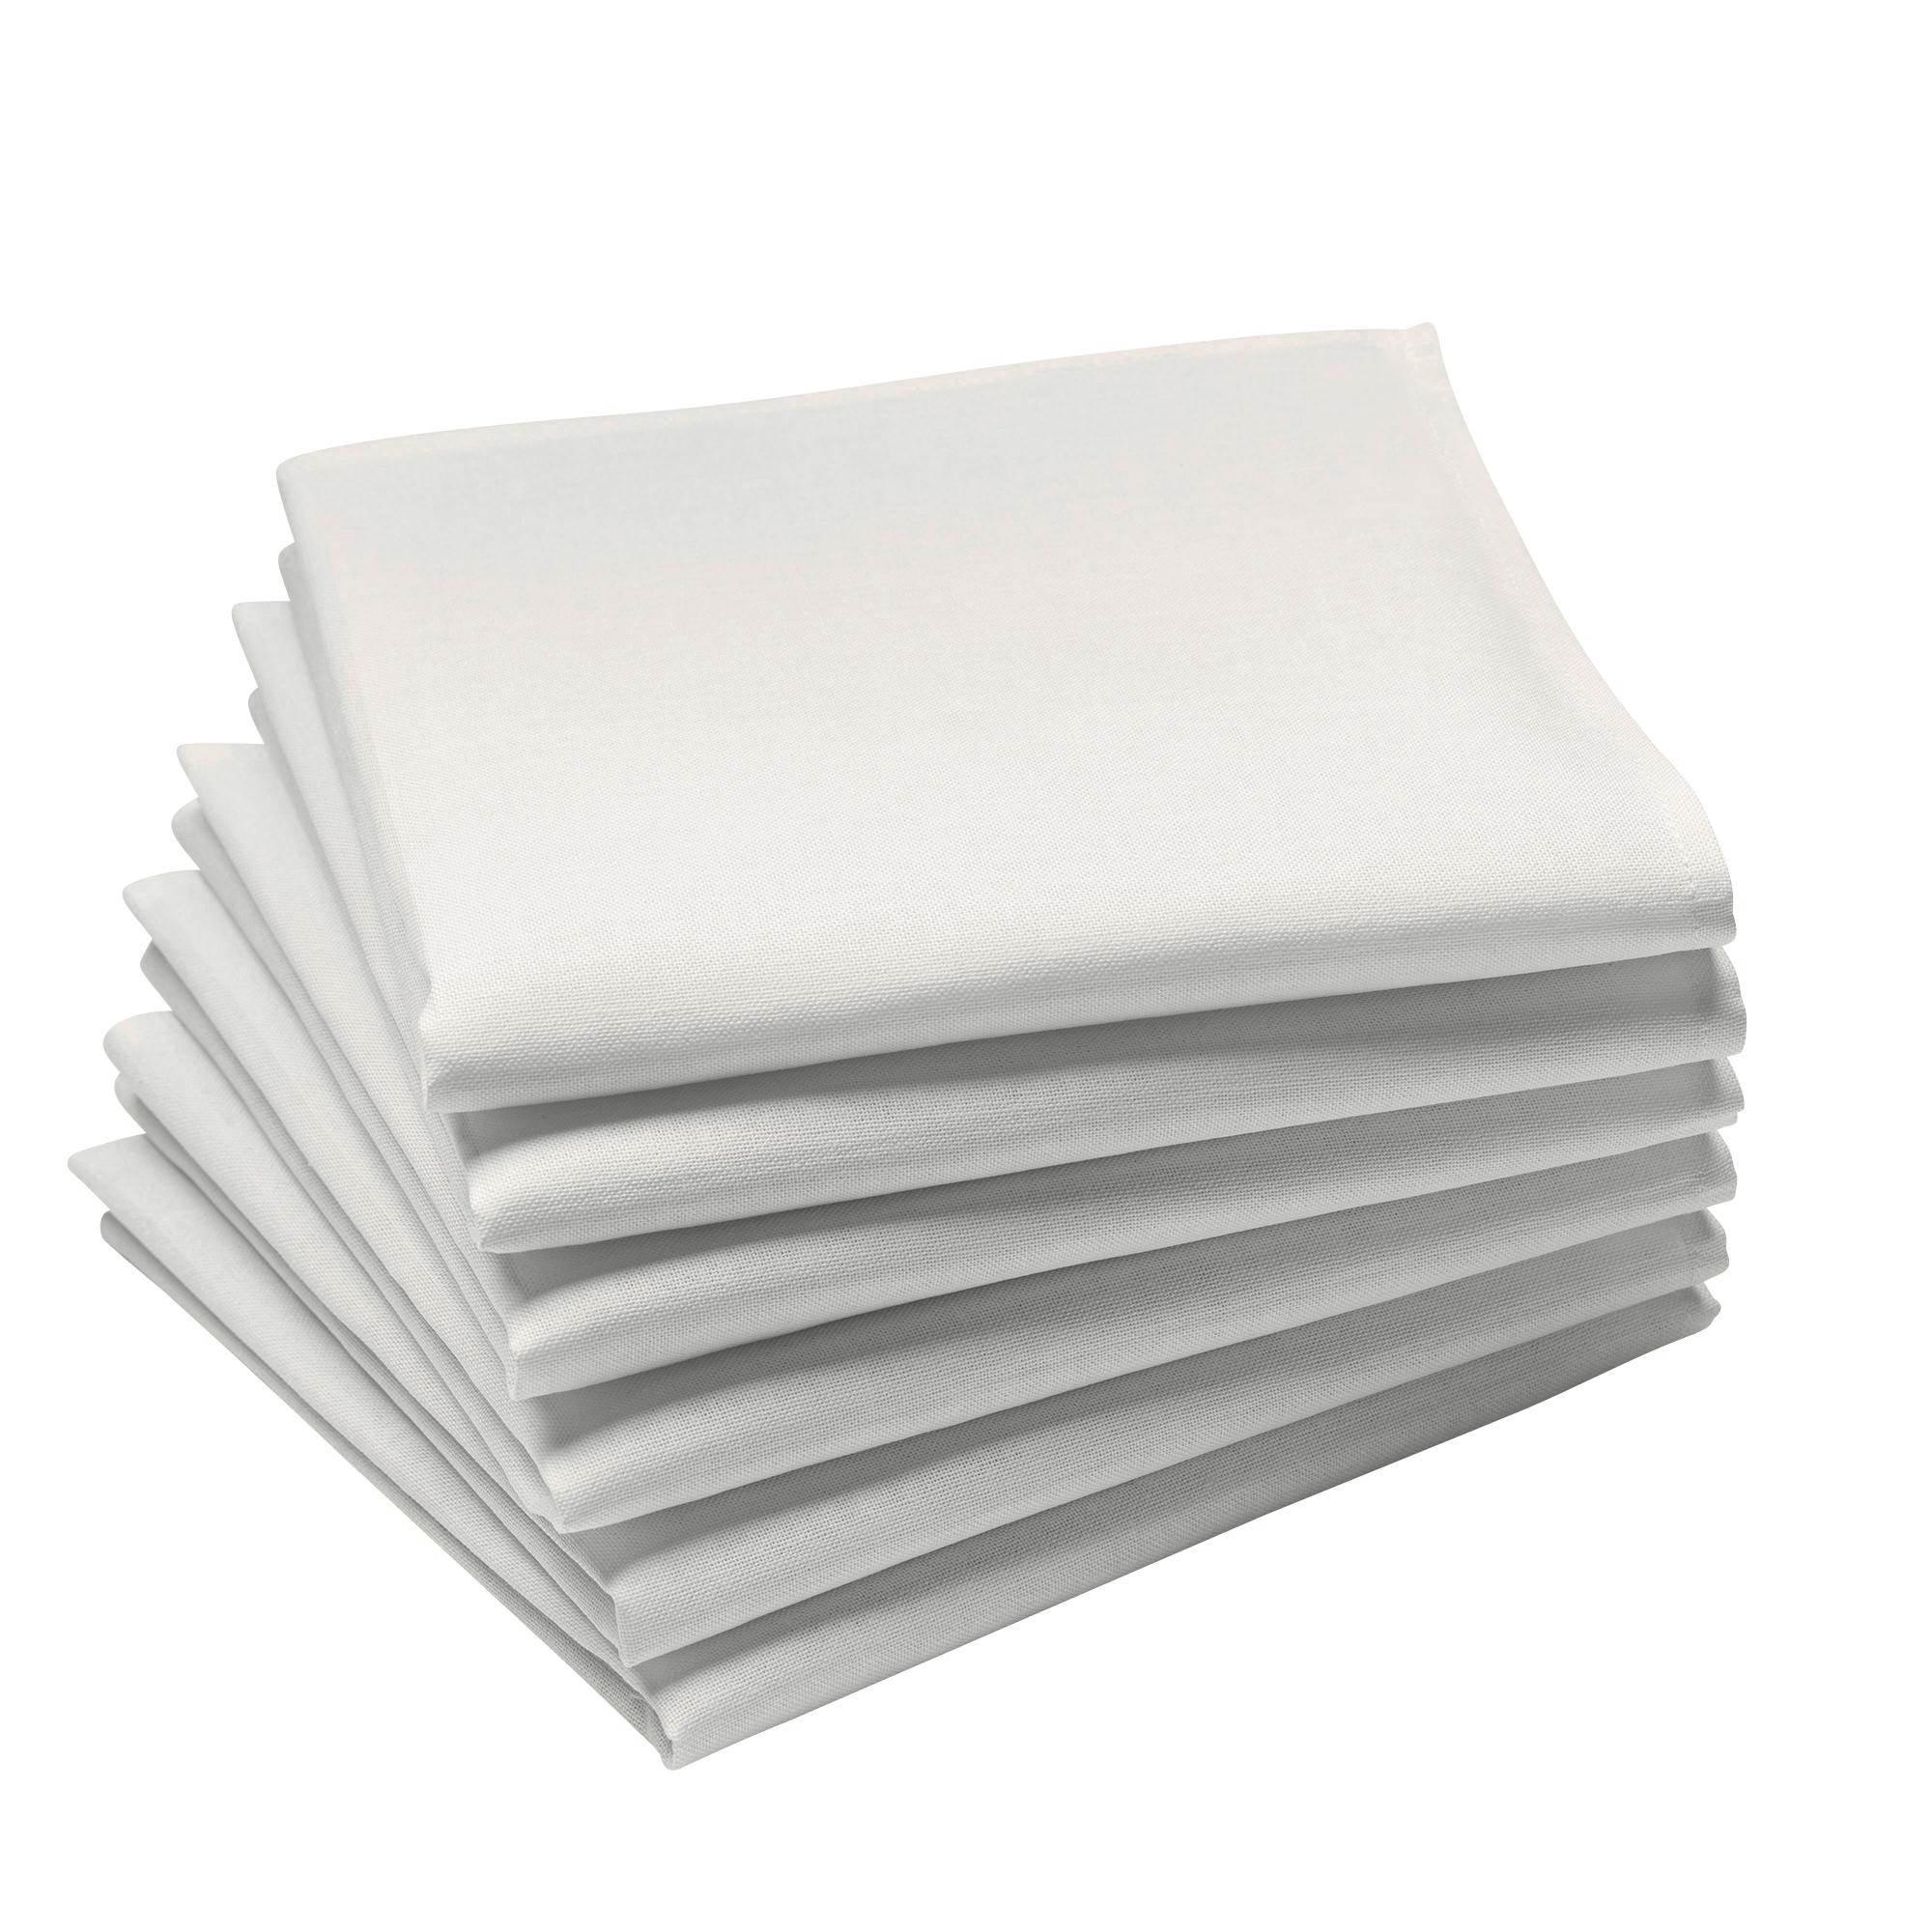 Lot de 6 serviettes en coton traite Teflon, Blanc 45 x 45